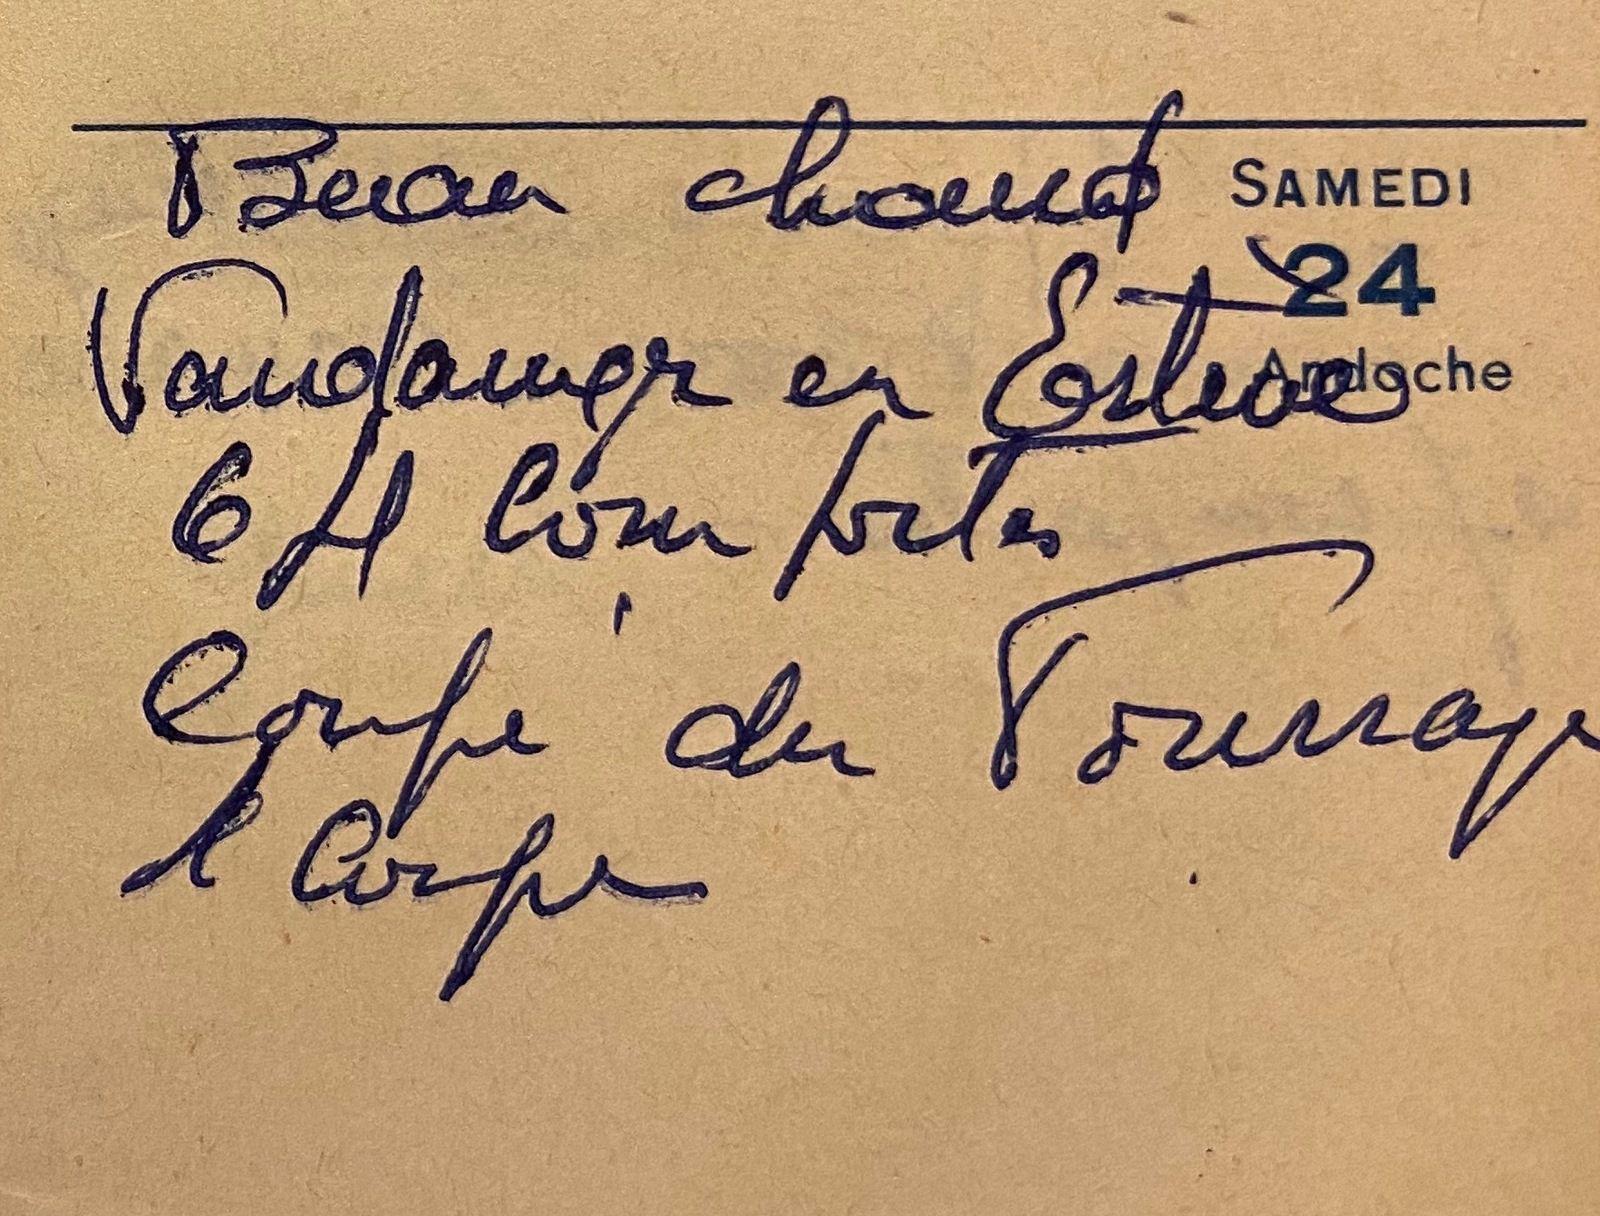 Samedi 24 septembre 1960 - vendanger chez les cousins